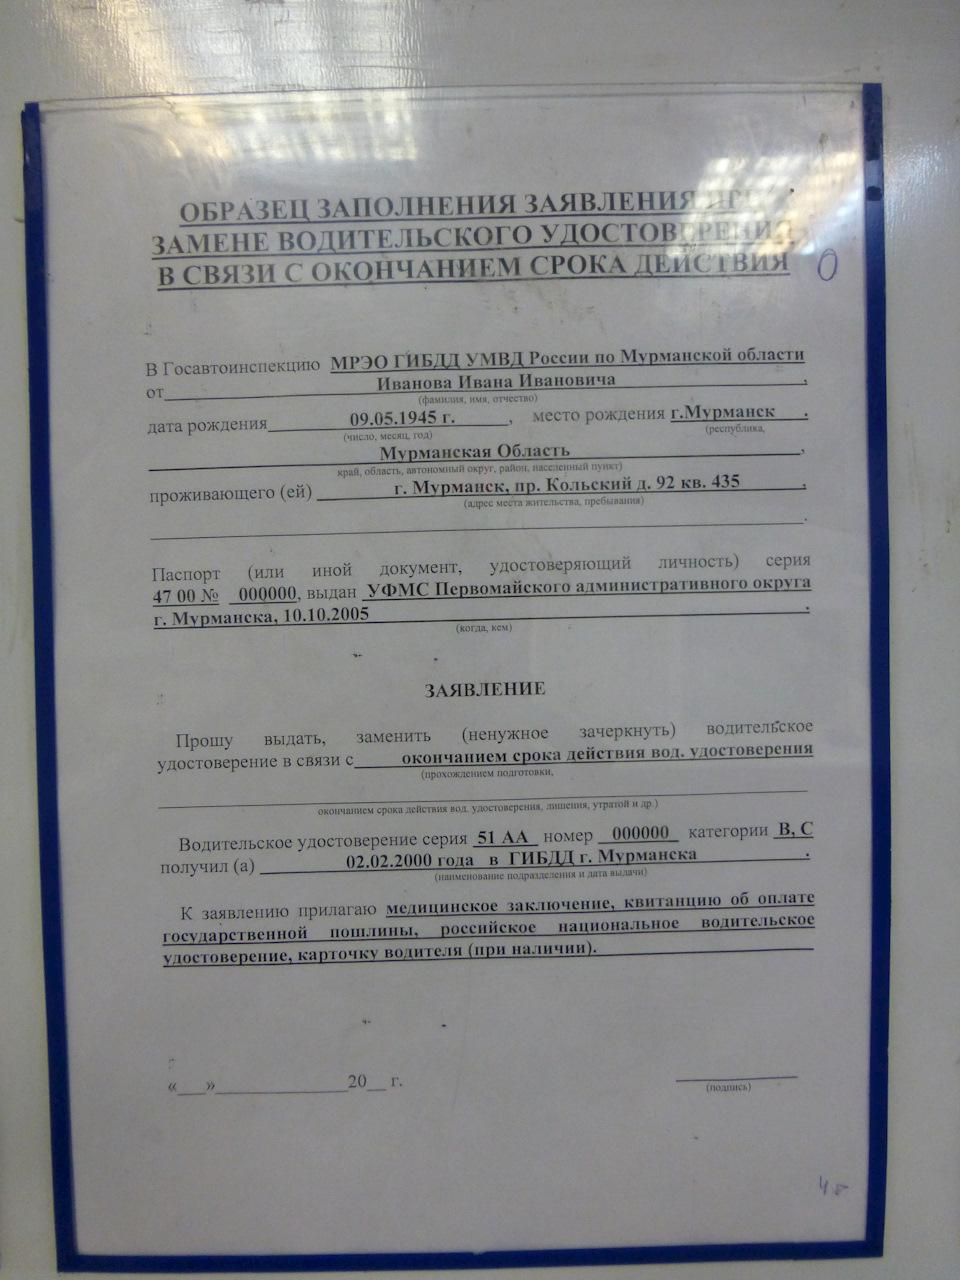 Заявление для выдачи, обмена водительского удостоверения и талона